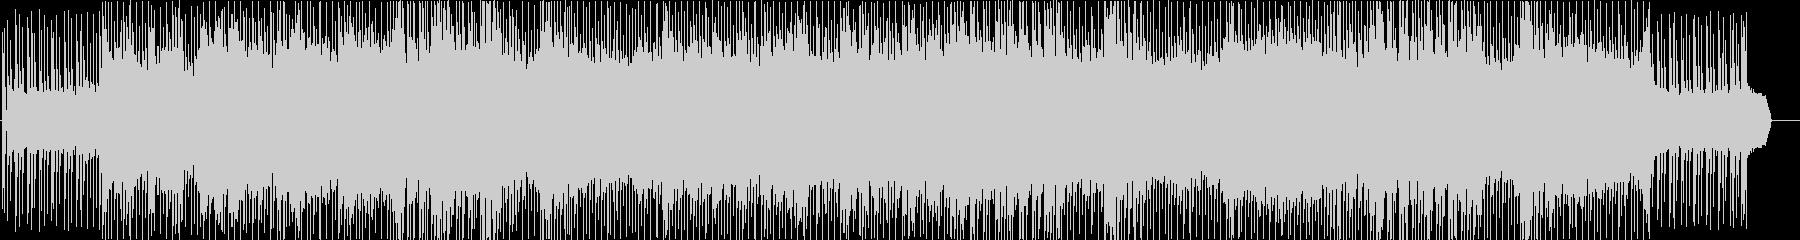 シューティング戦闘曲 SKY HIGH2の未再生の波形